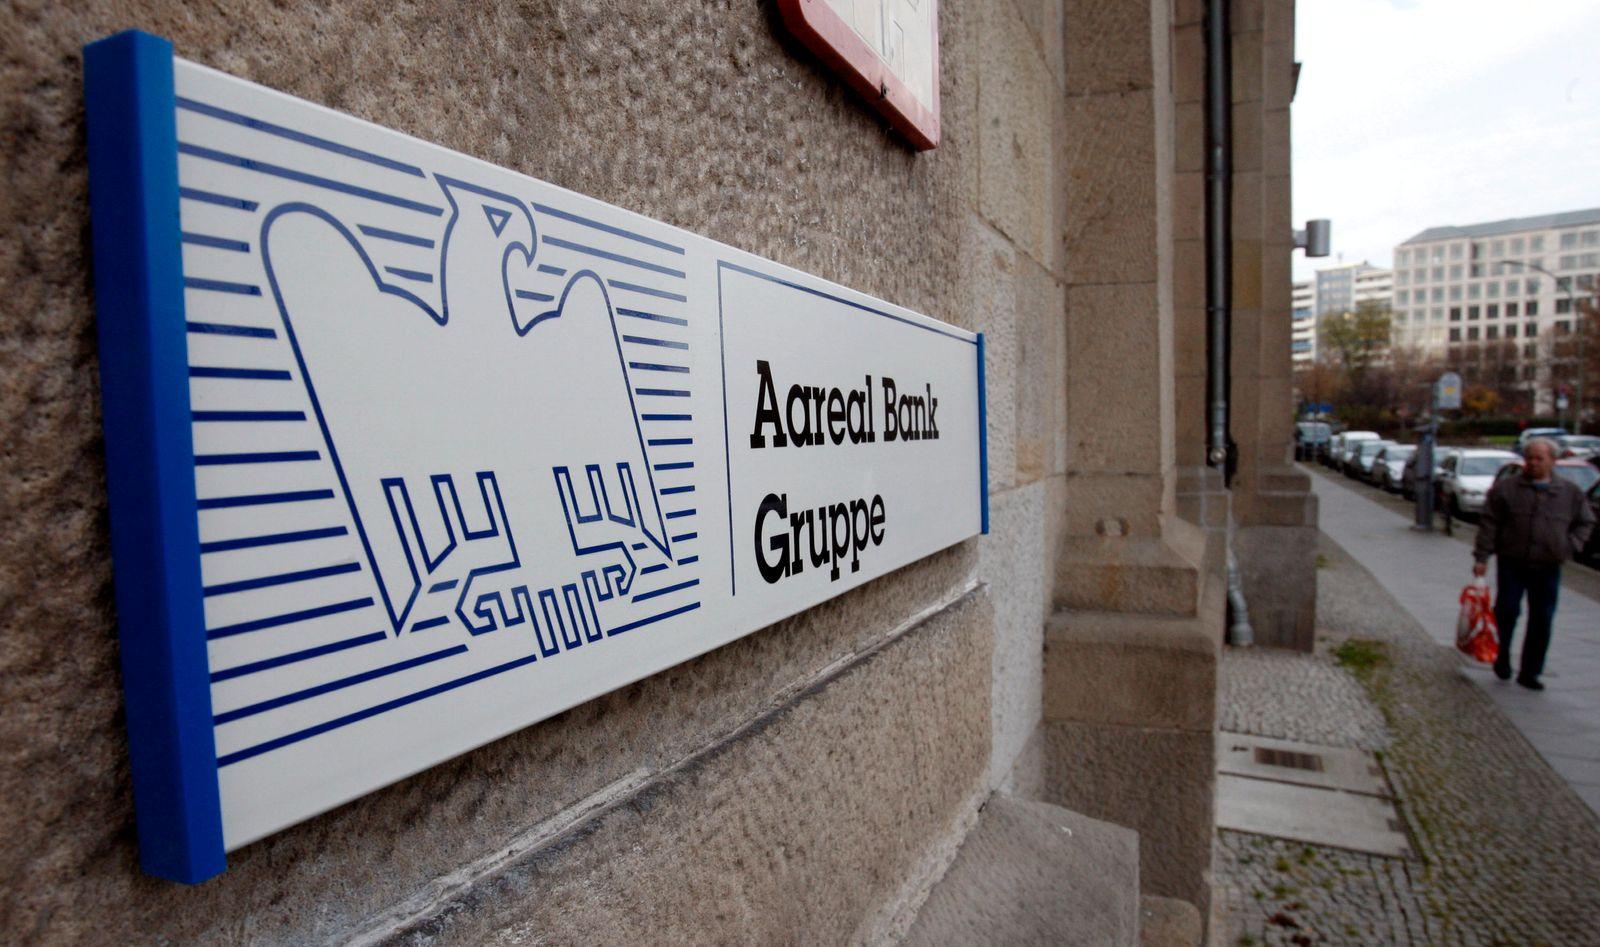 NICHT VERWENDEN Durchsuchungen bei der Aareal Bank Gruppe